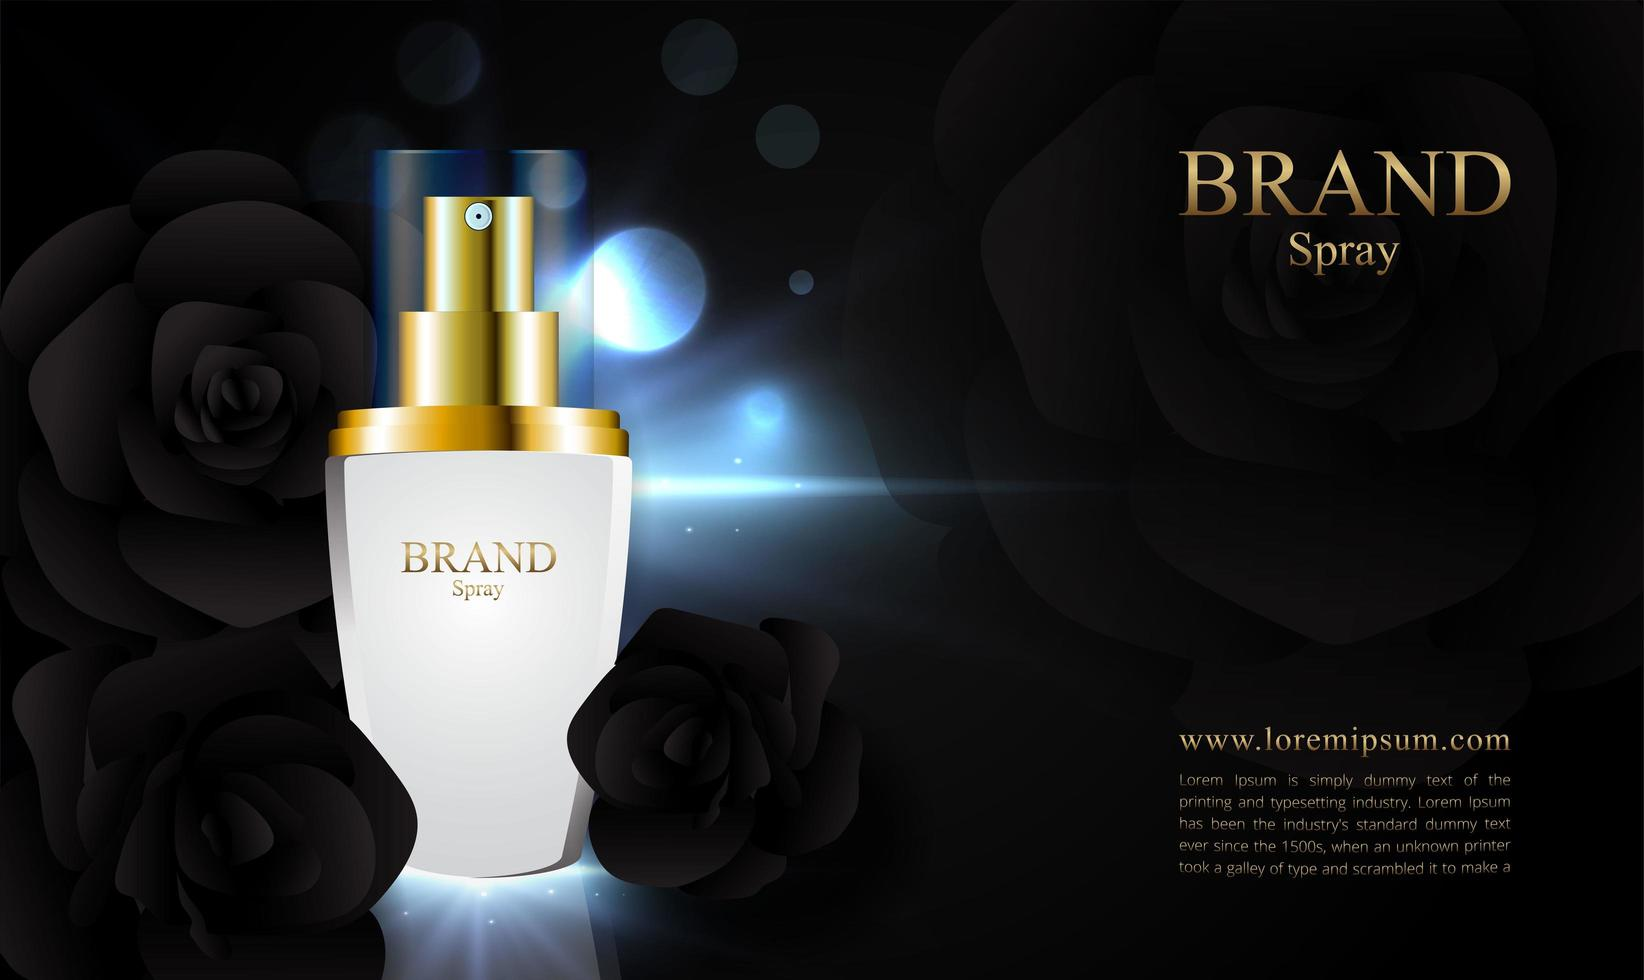 elegante imagen de rosa negra para publicidad cosmética vector